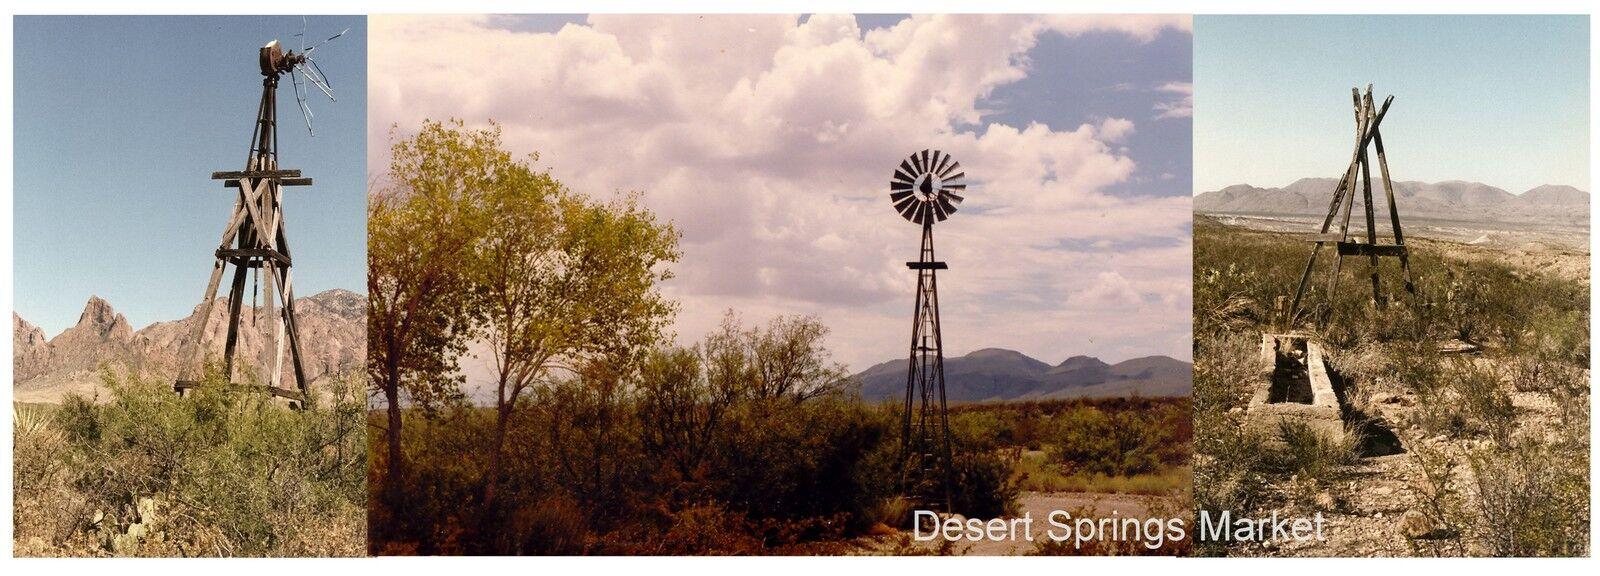 Desert Springs Market